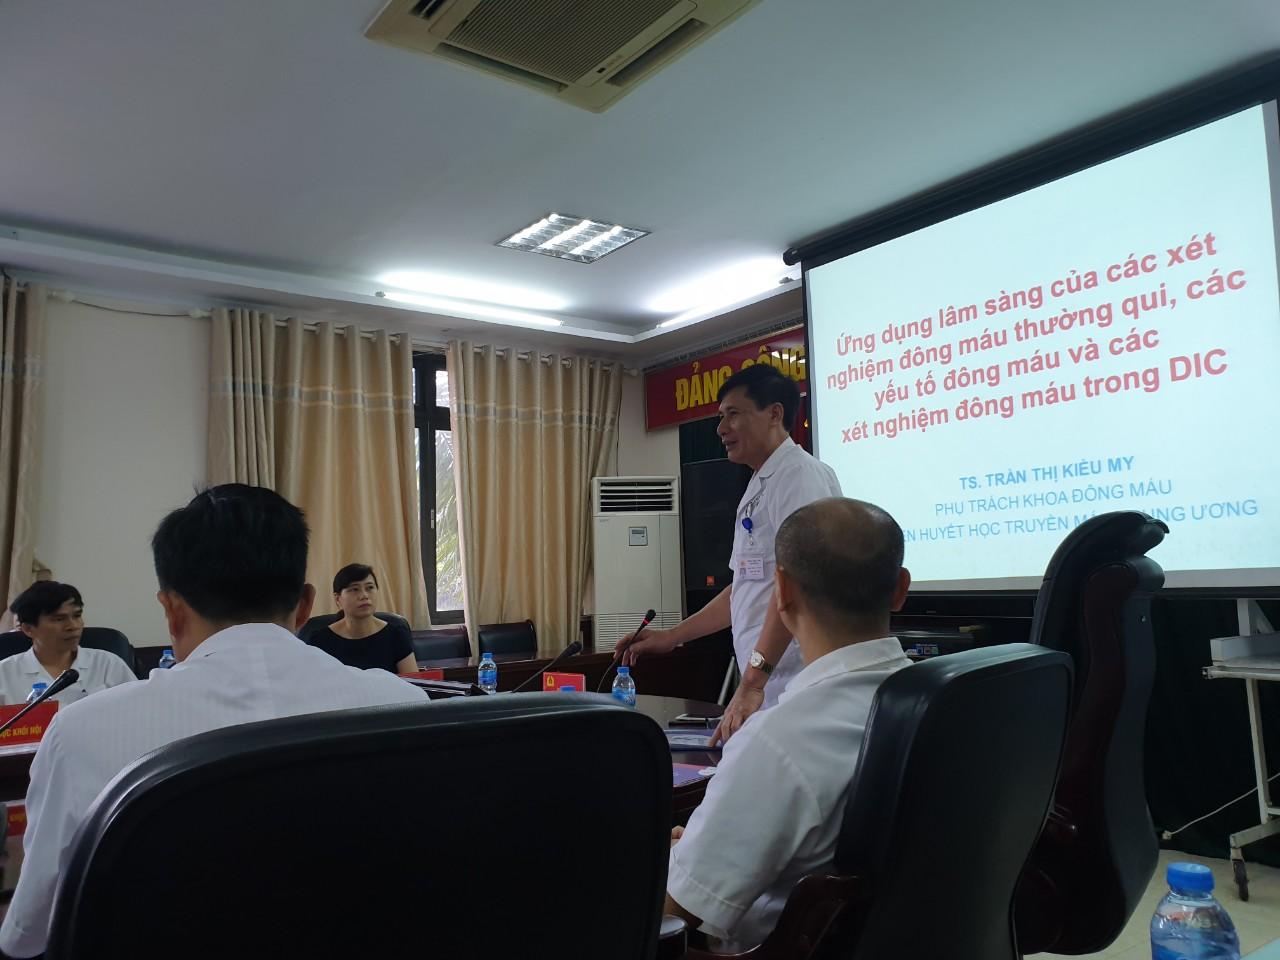 Bệnh viện 19-8 tổ chức hội thảo khoa học về huyết học truyền máu